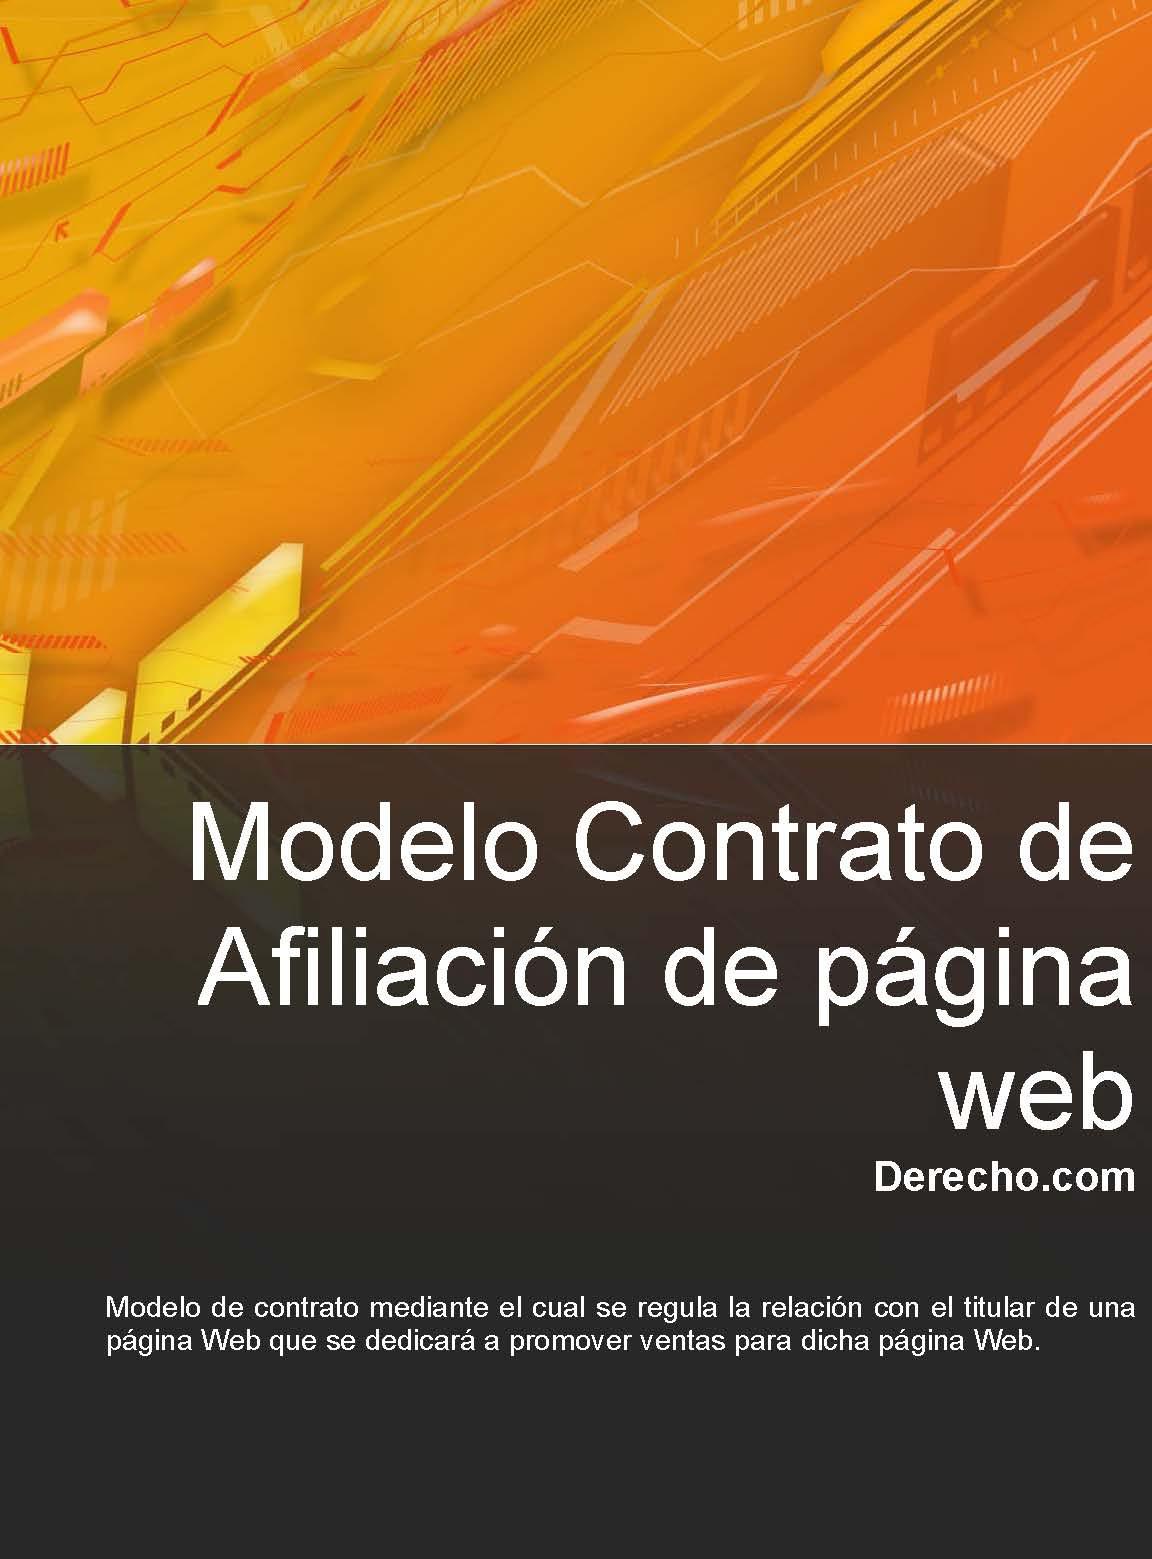 Contrato de afiliación de página web